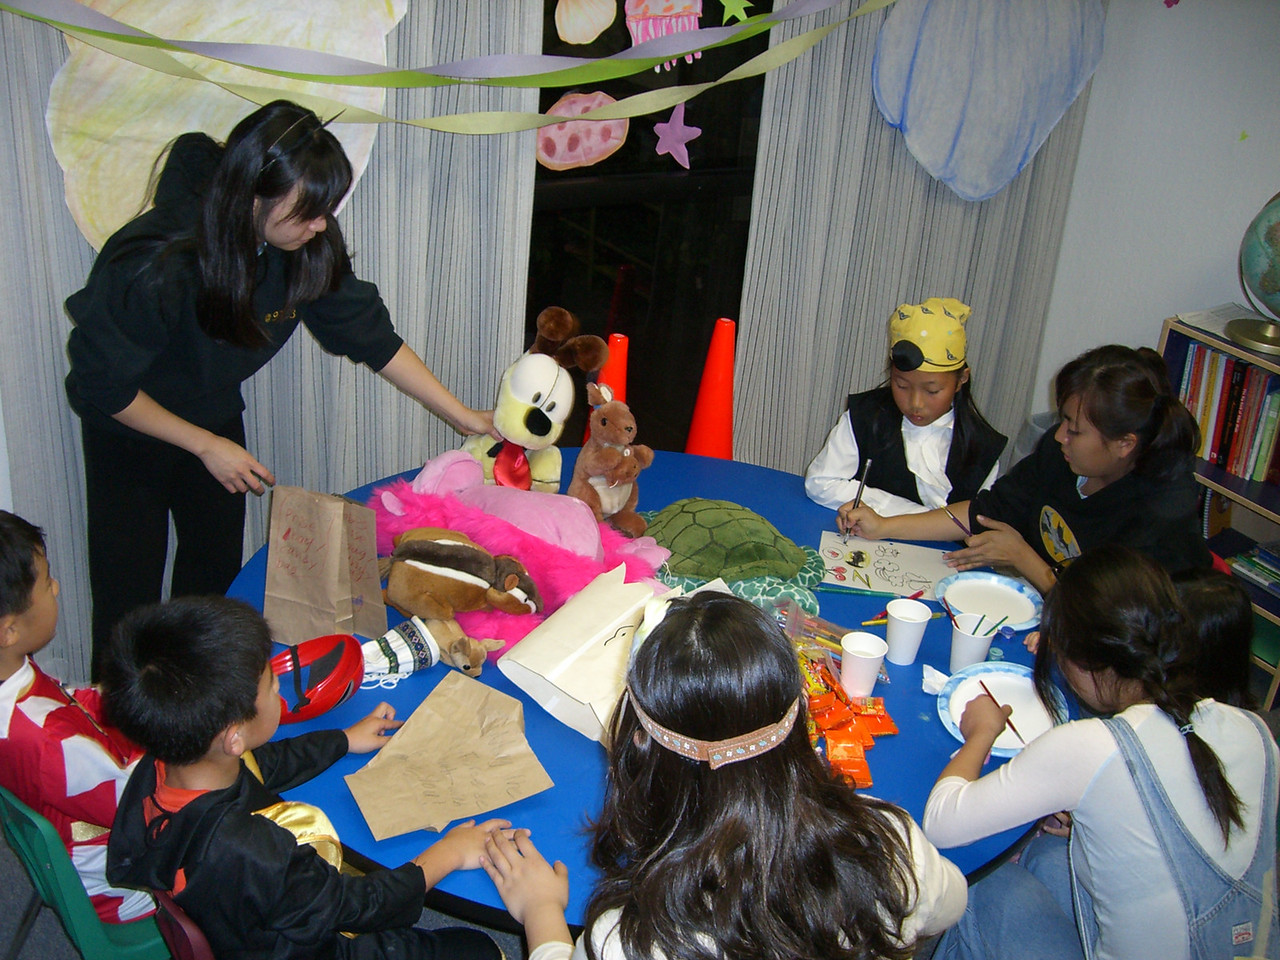 Sugar-free group of kids